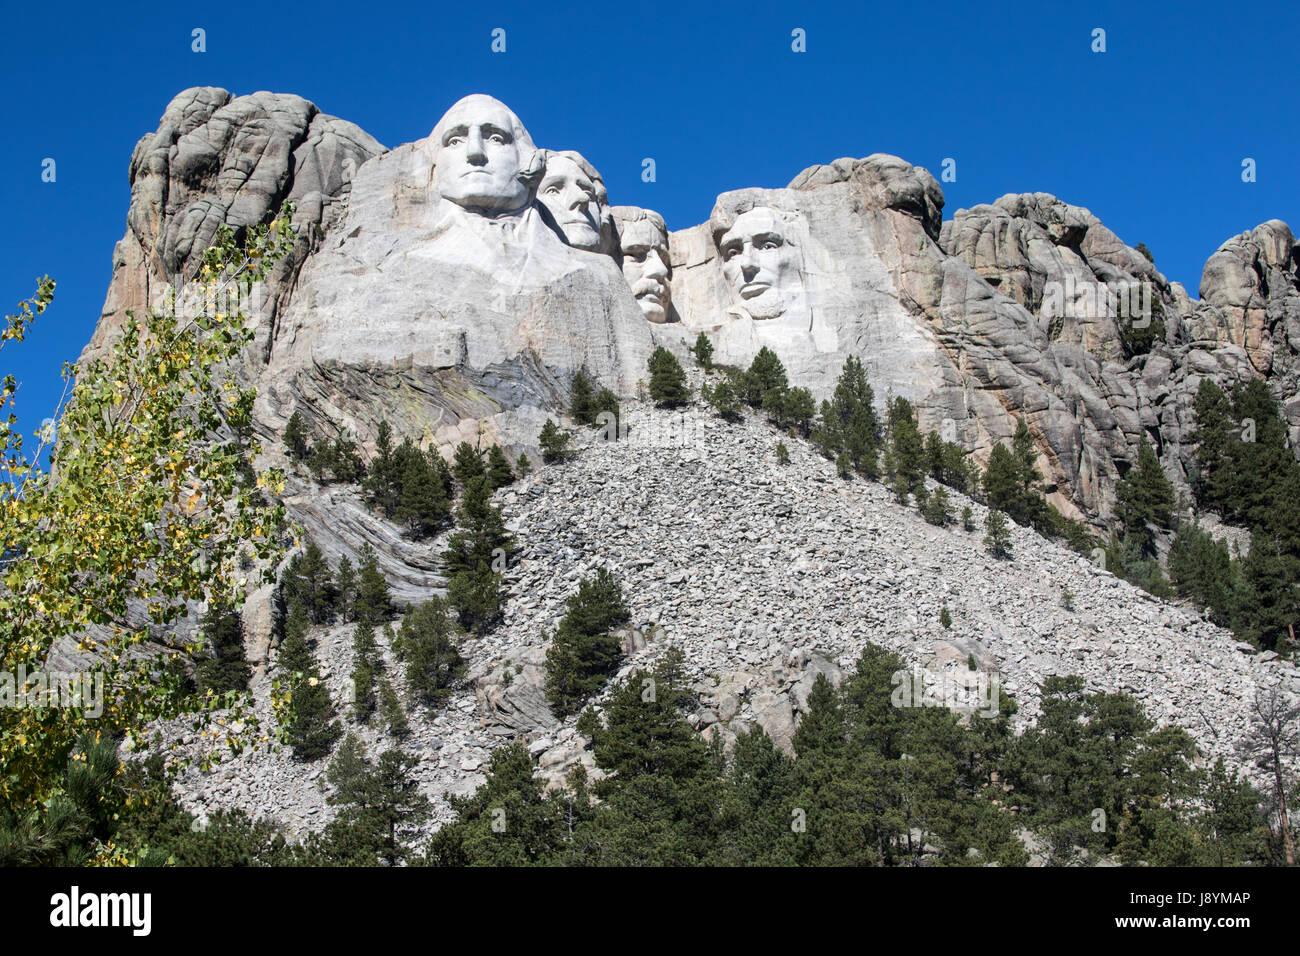 Mount Rushmore in South Dakota - Stock Image